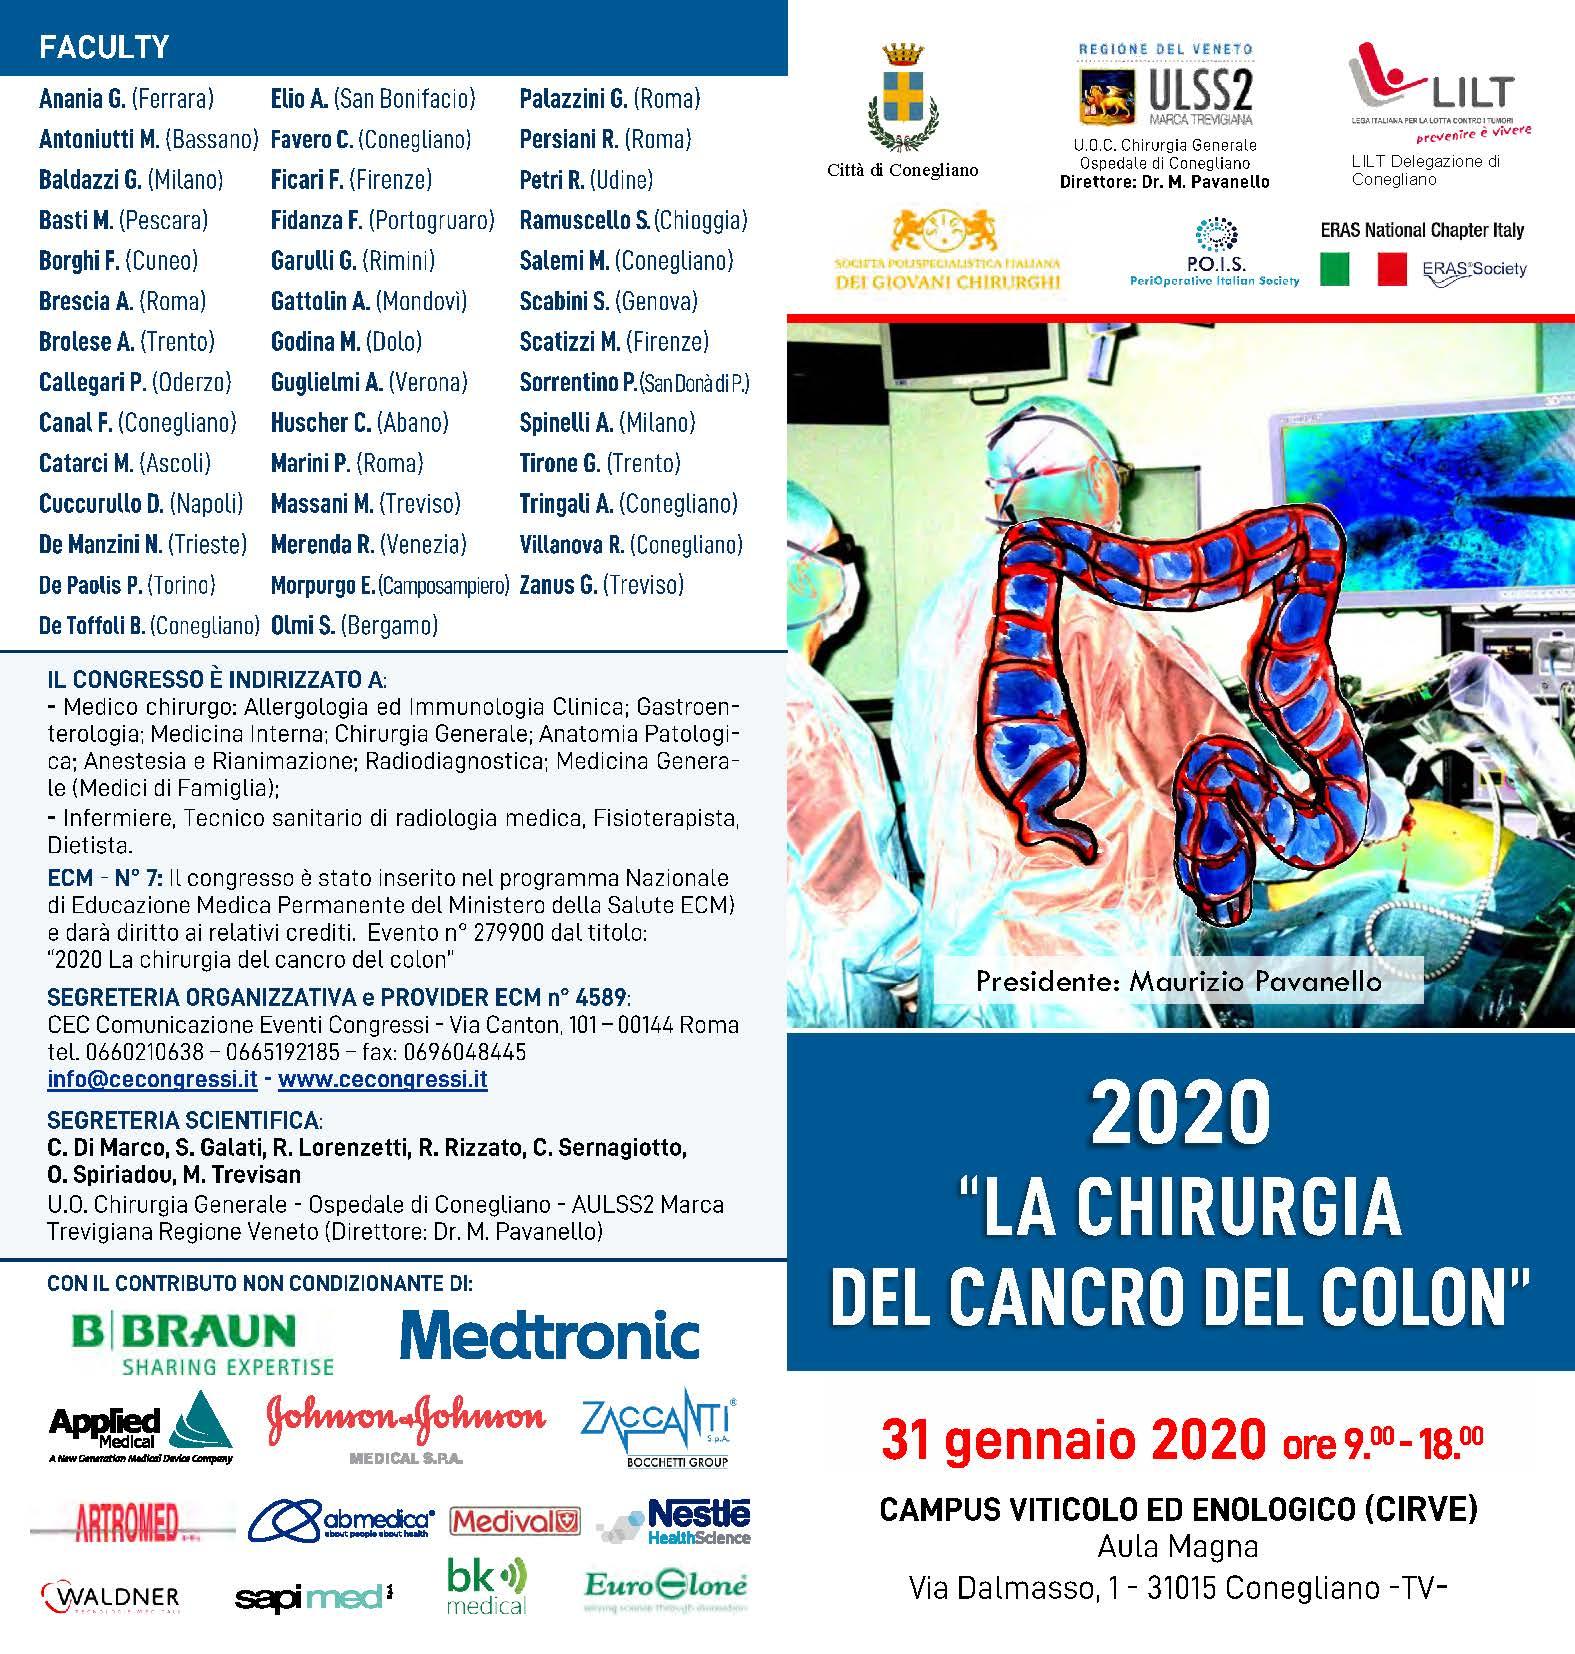 2020 La chirurgia del cancro del colon - Presidente: M. Pavanello